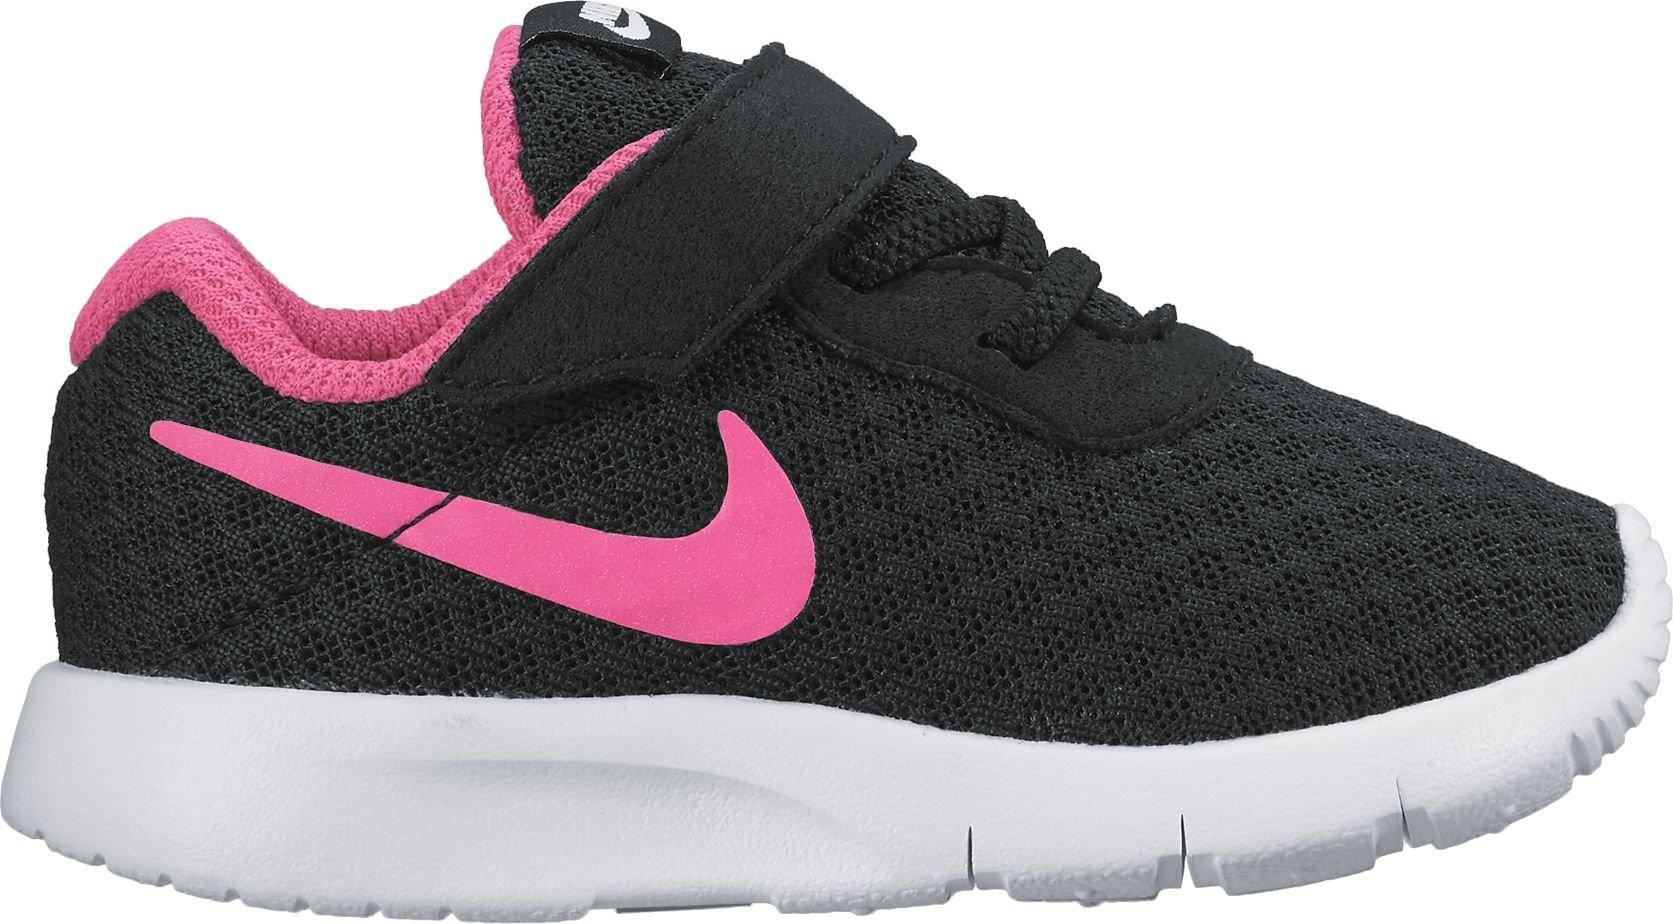 Nike 818386-061: Girl's Tanjun Black/Hyper Pink/White Sneaker (4 M US Toddler) by Nike (Image #1)